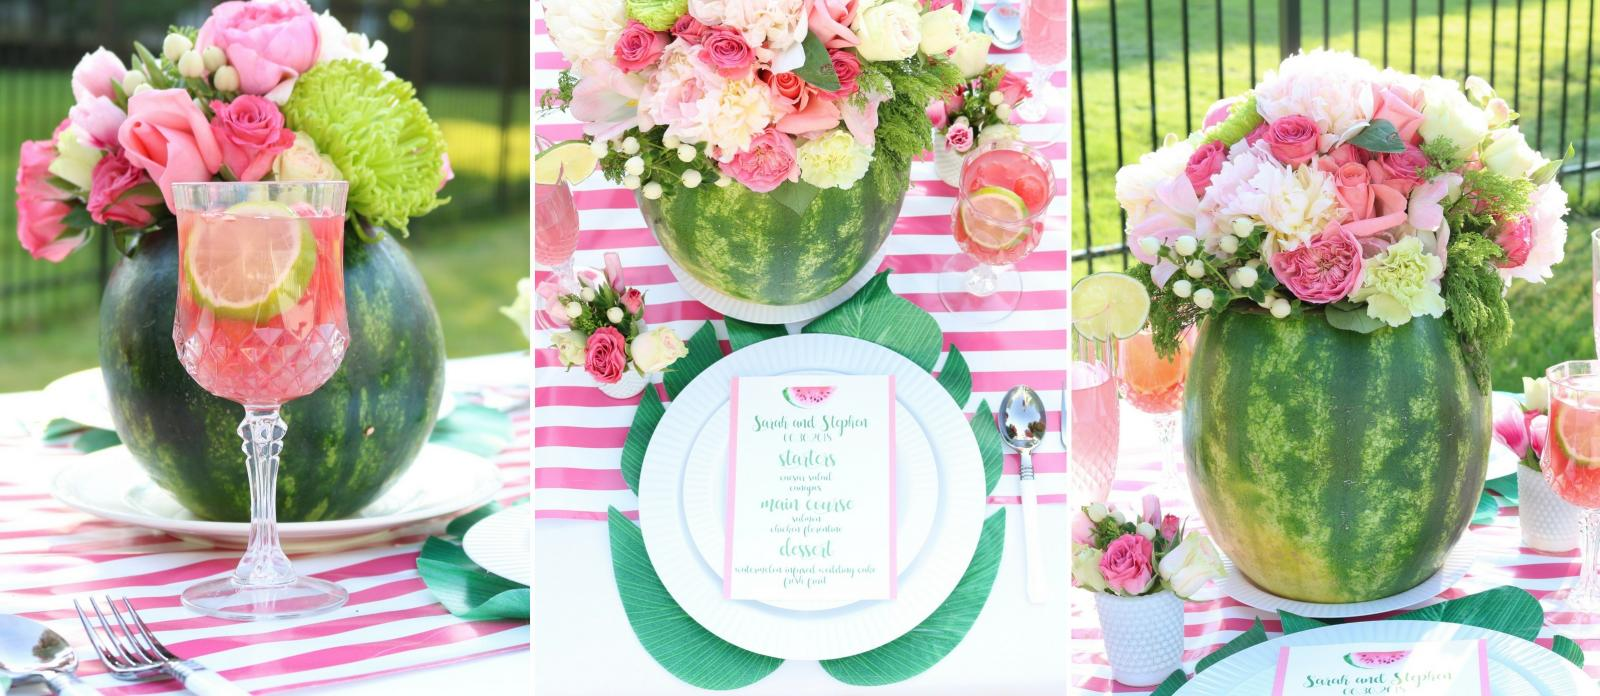 9a29963cedc9 Watermelon Bridal Shower